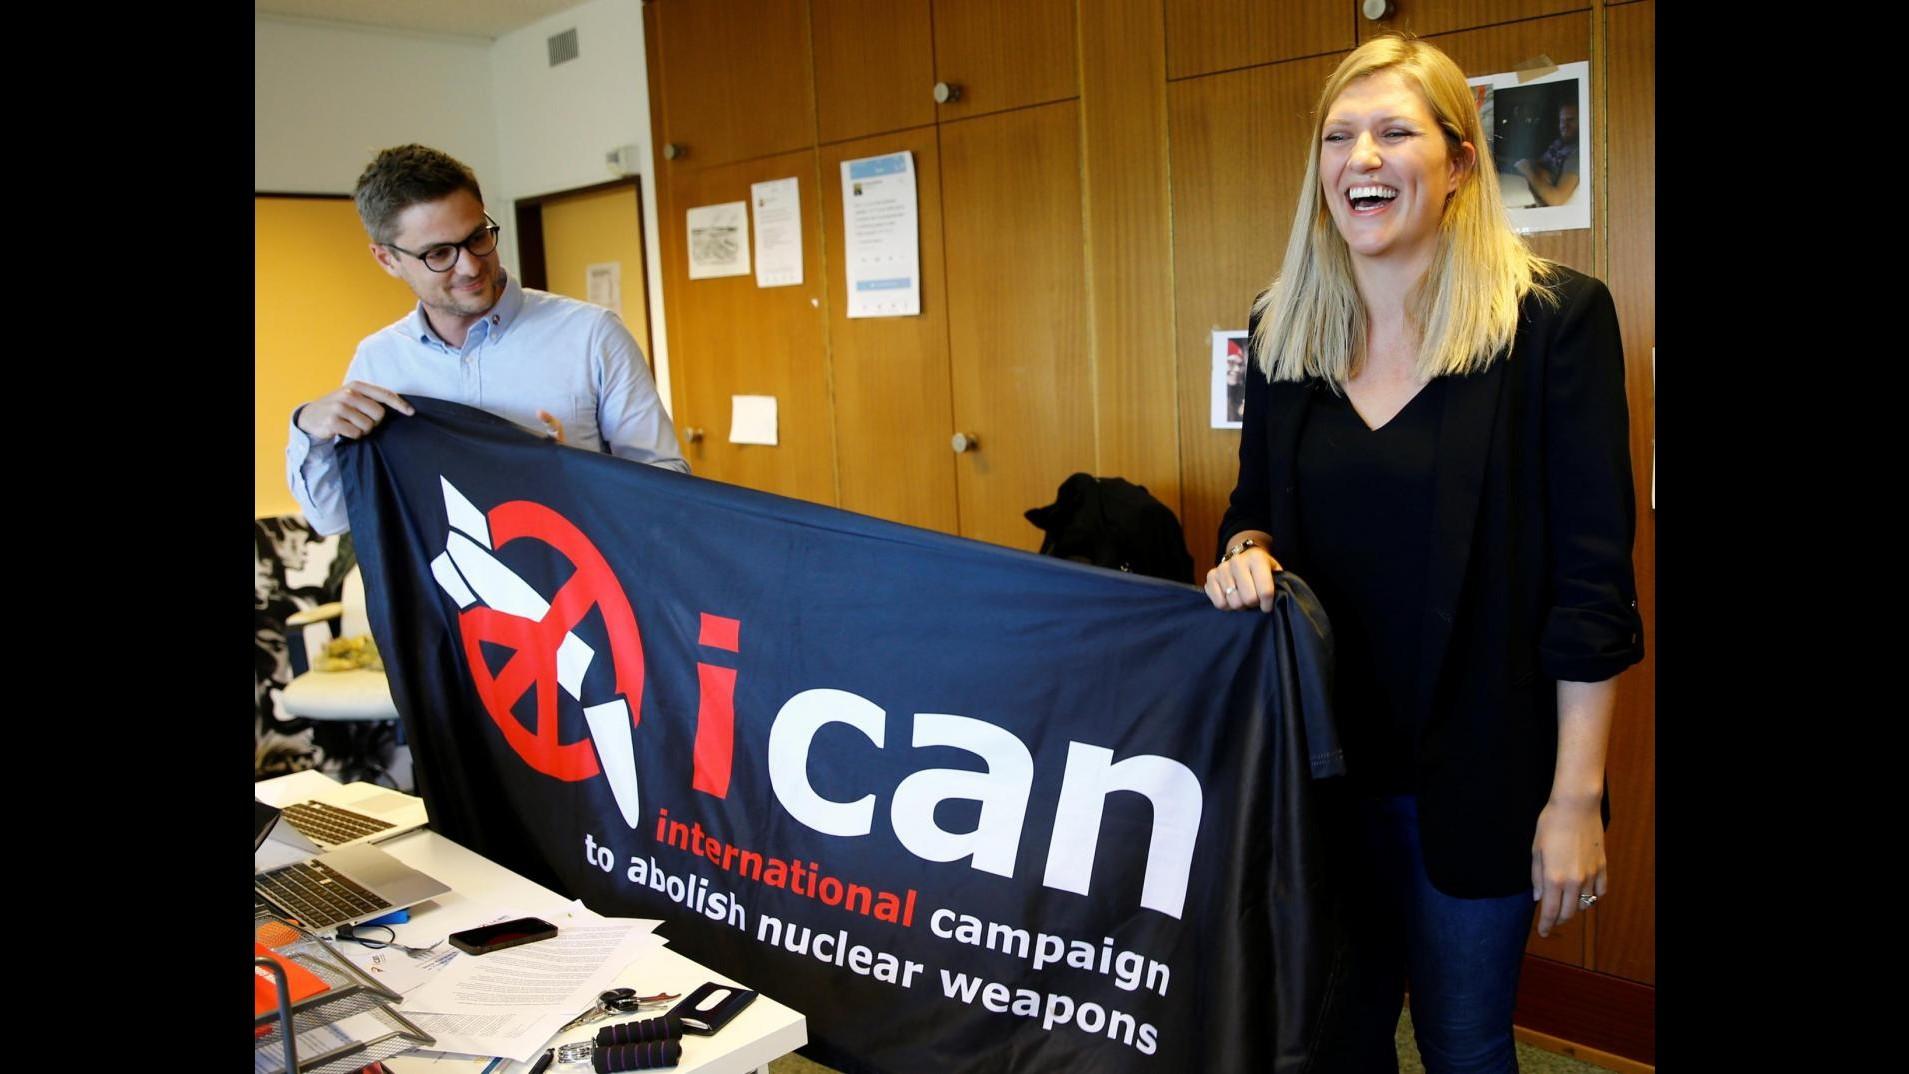 Nobel per la pace, cos'è Ican